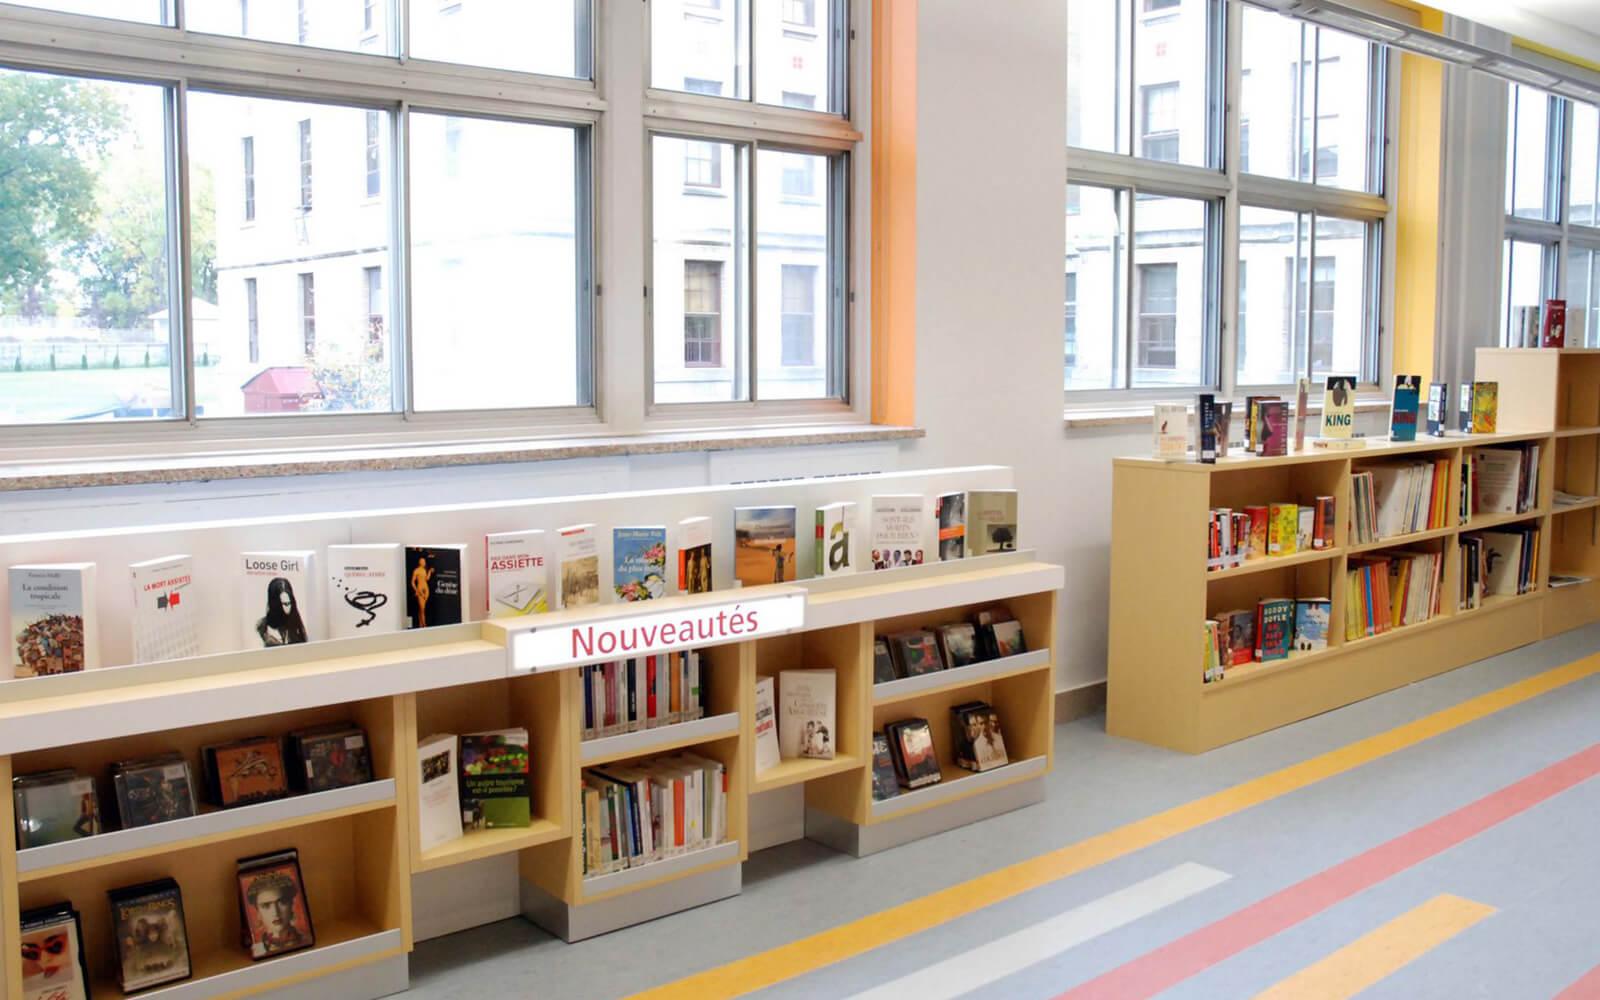 Aménagement bibliothèque institutionelle collègue André-Grasset